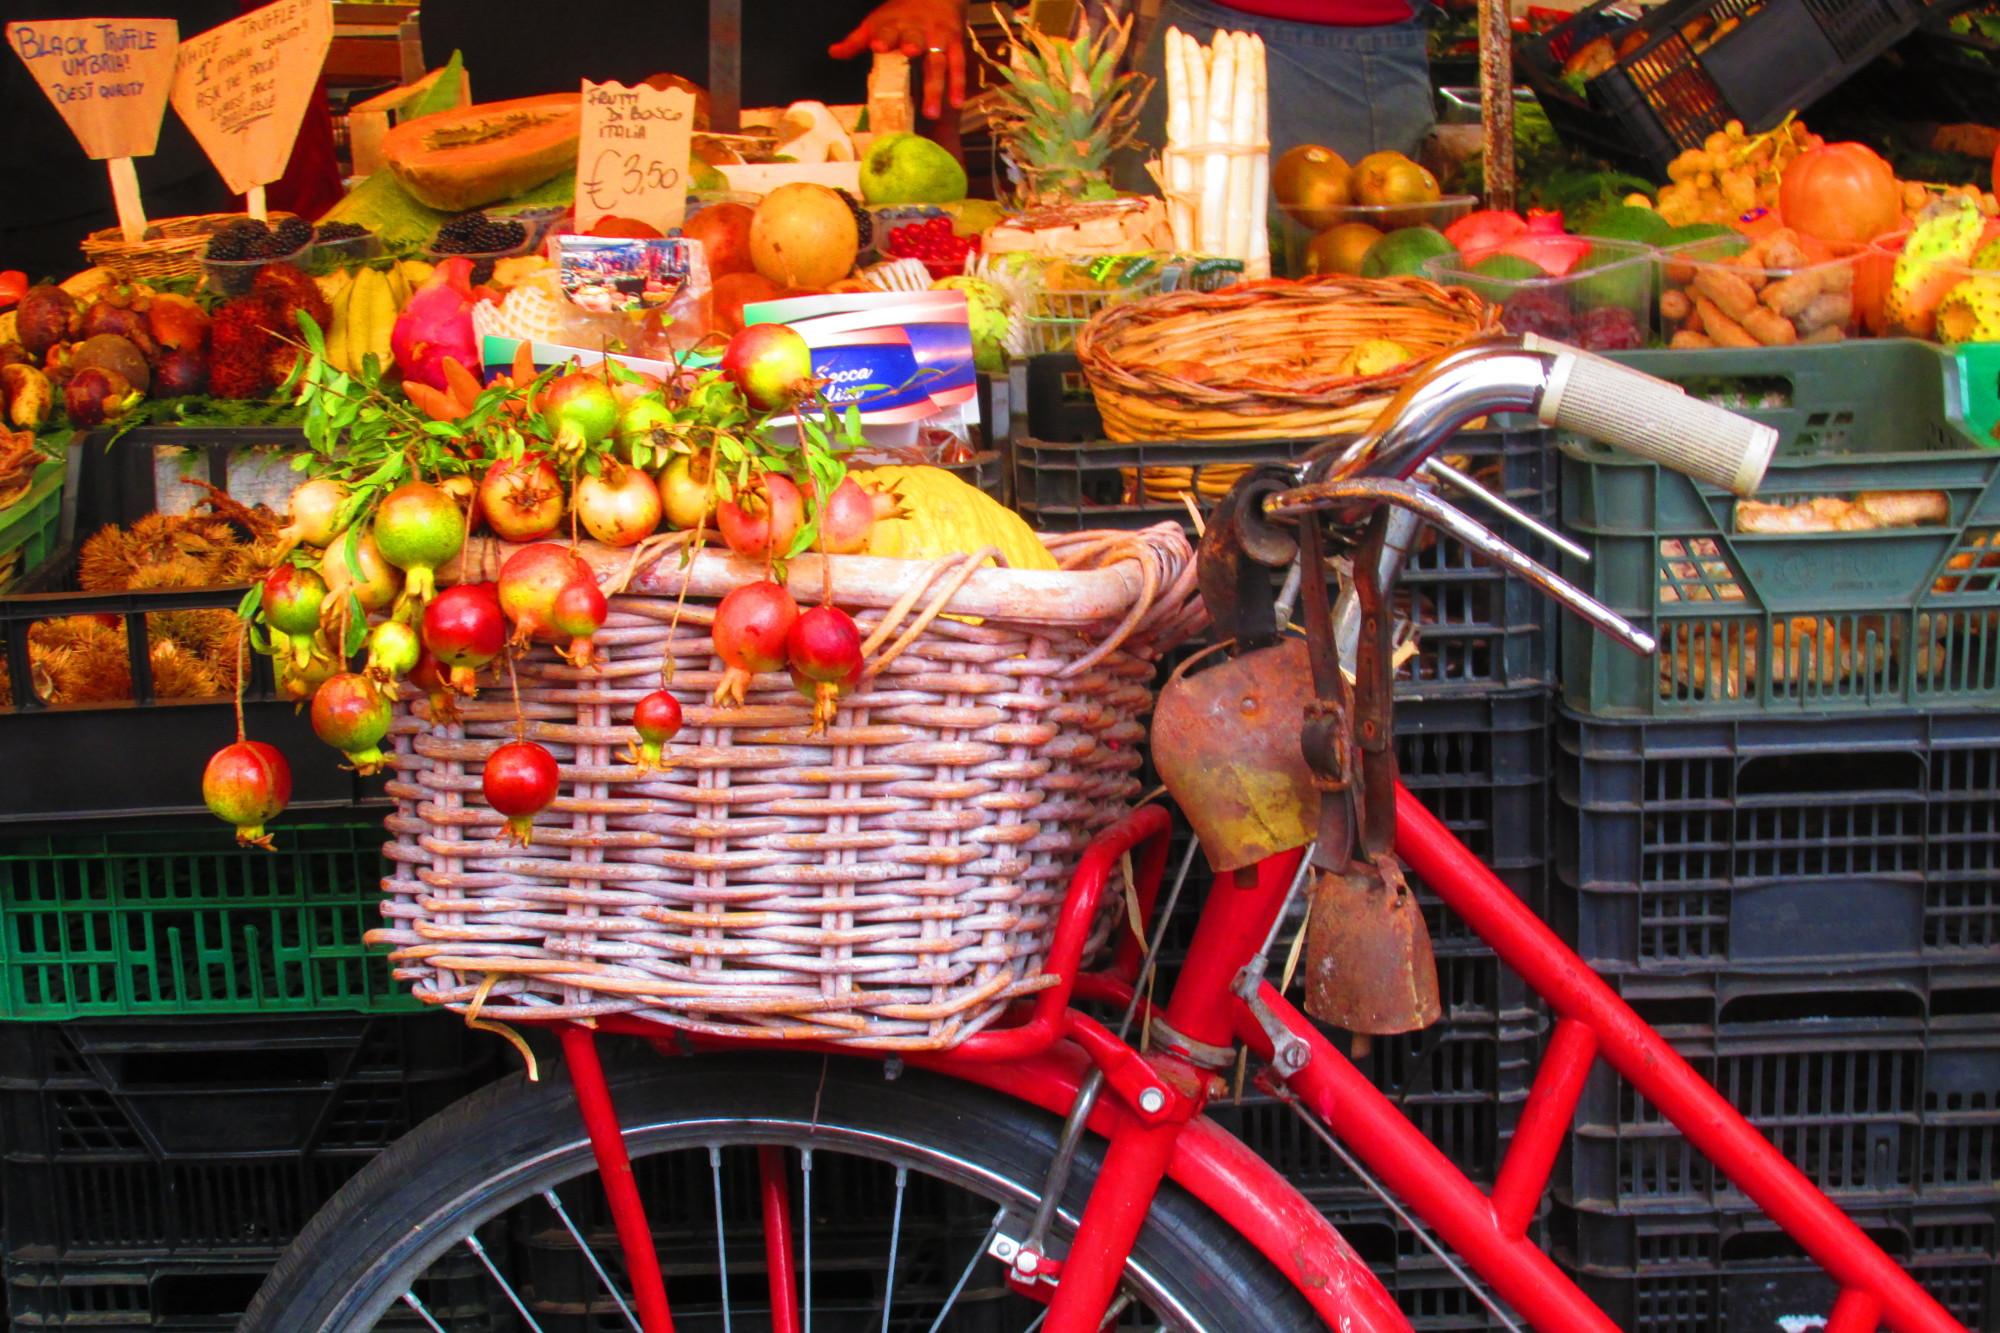 vegetables_bycicle.jpg